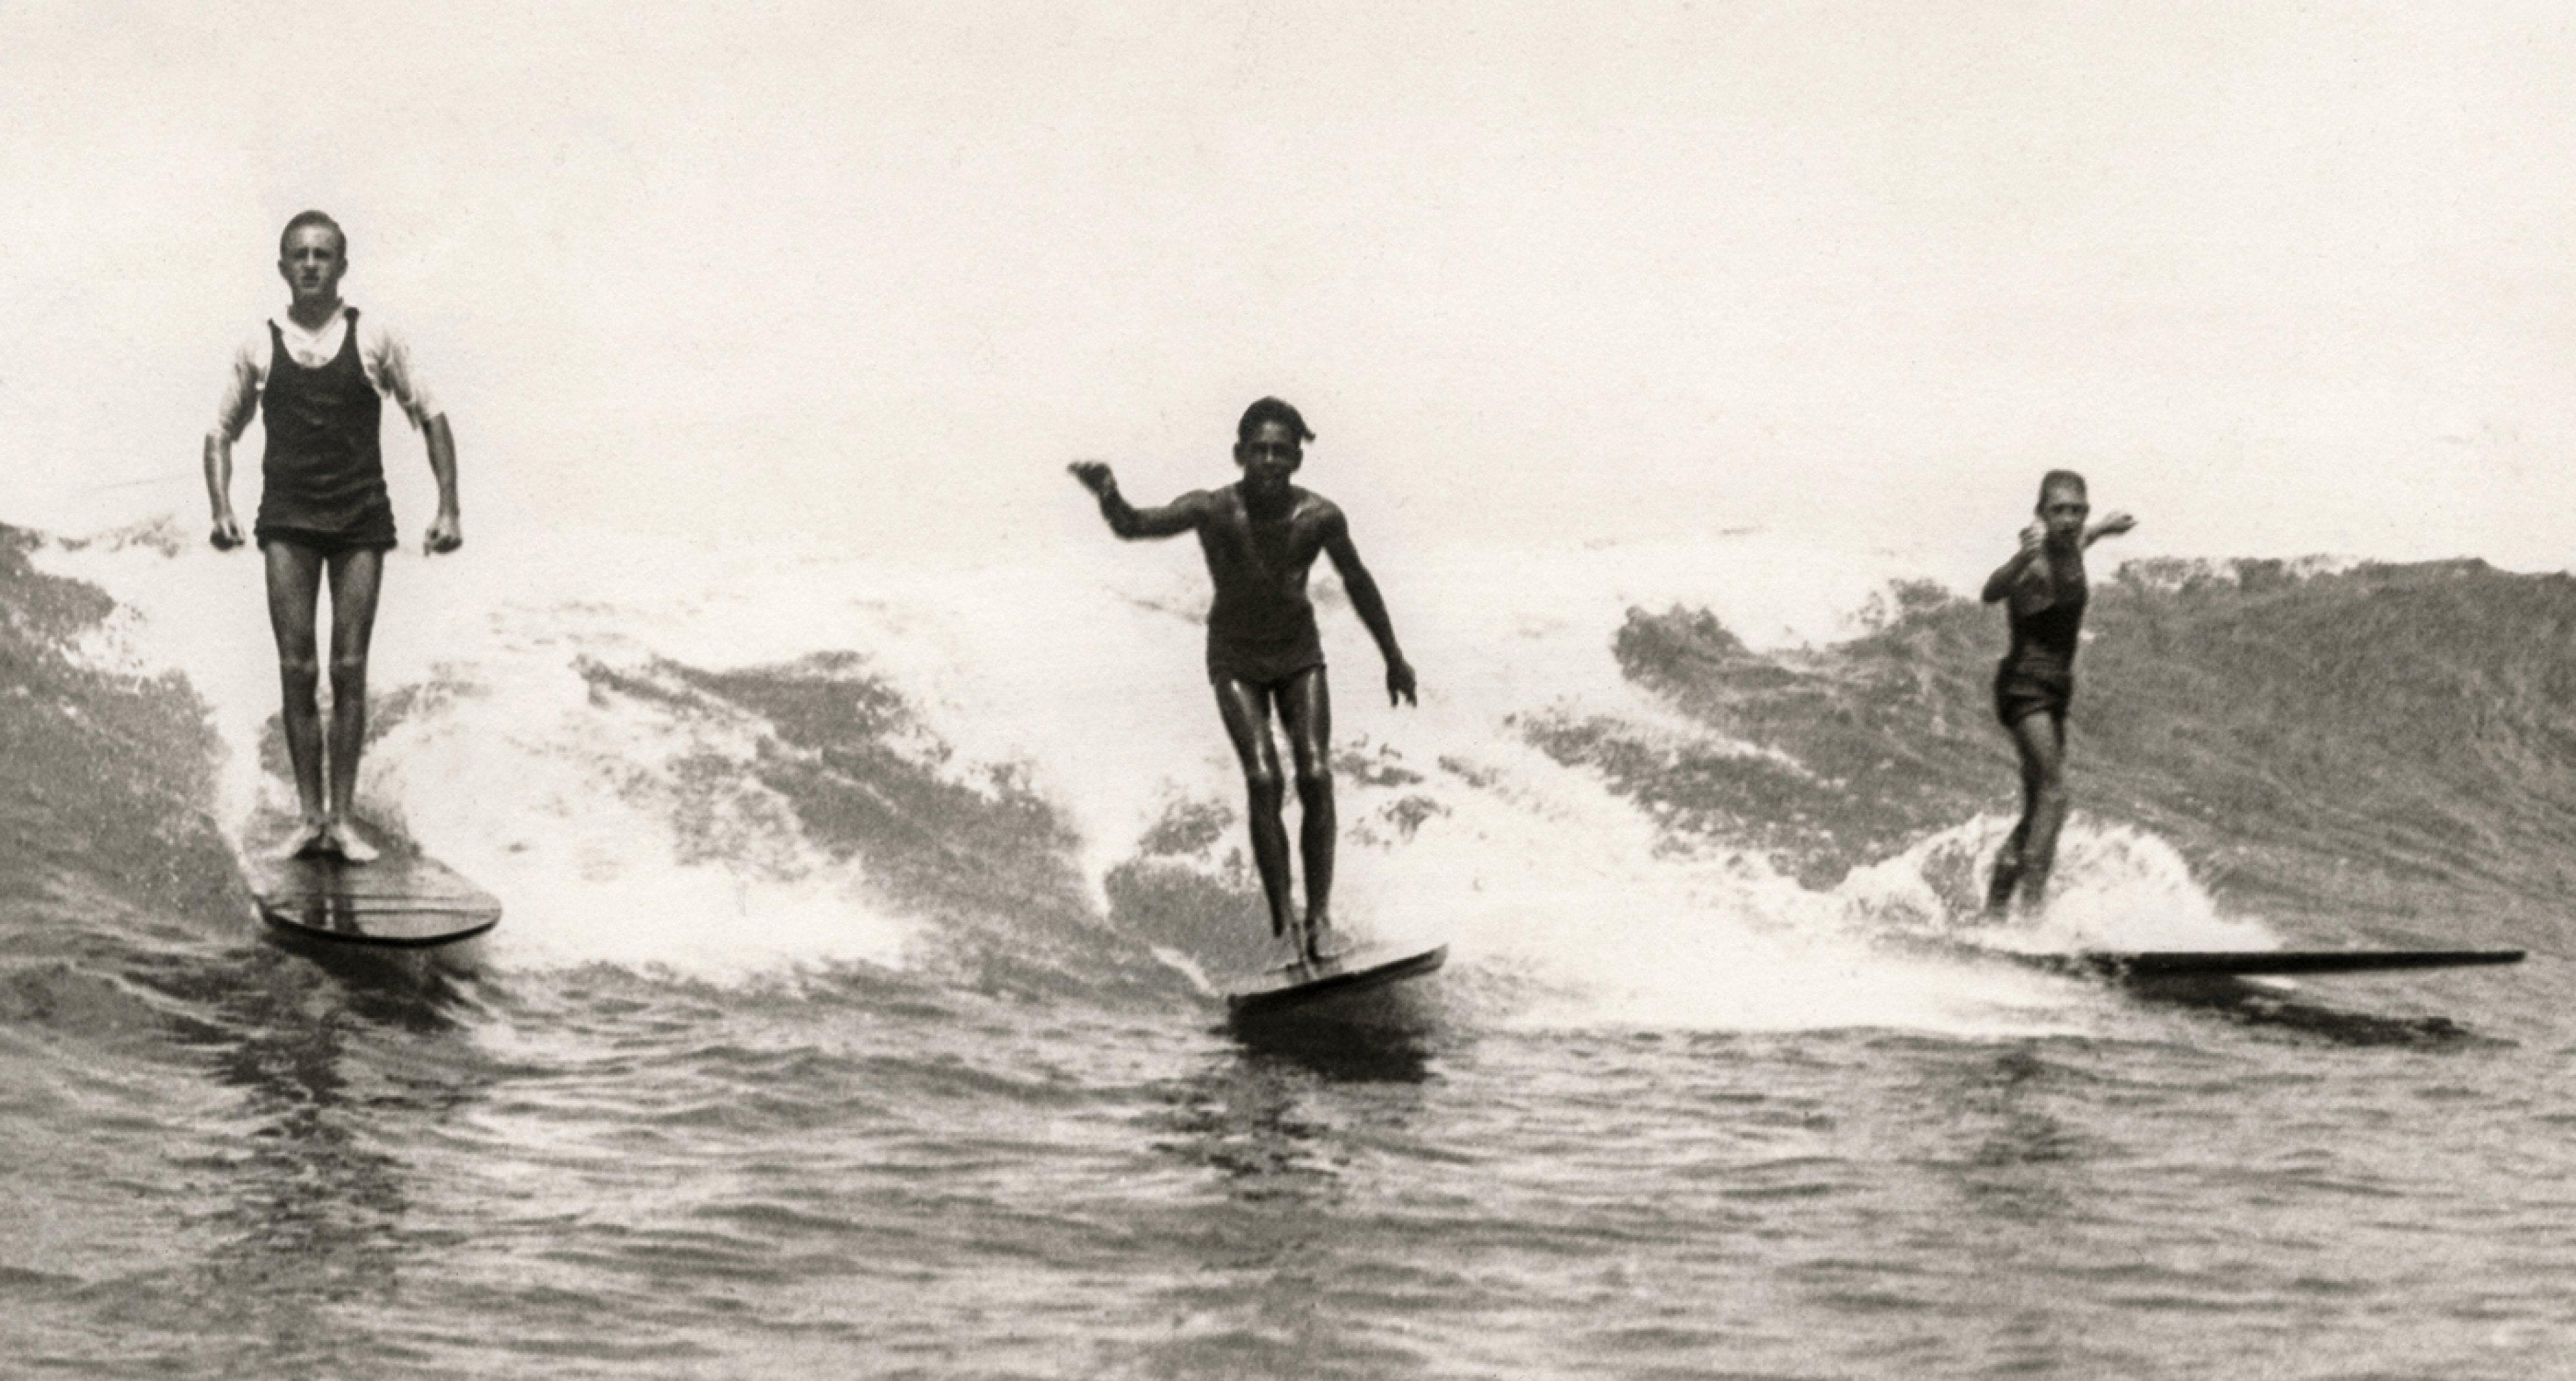 George Freeth, Waikiki, ca. 1907. Courtesy Jim Heimann Collection / TASCHEN